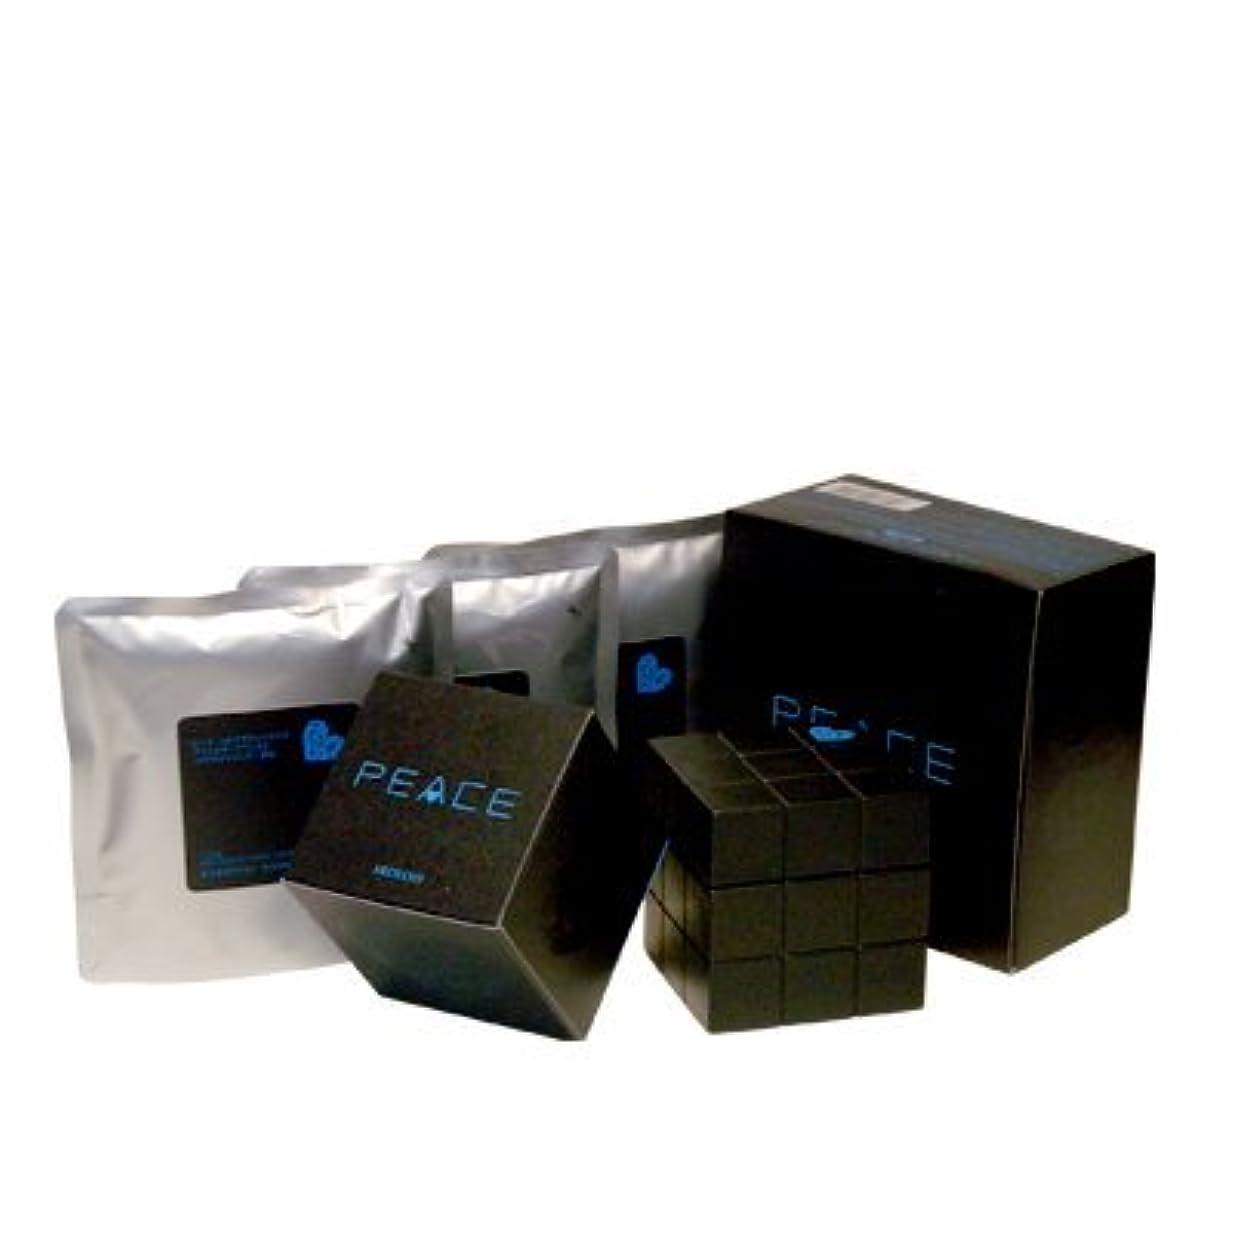 施し飼料振り返るアリミノ ピース プロデザインシリーズ フリーズキープワックス ブラック80g+詰め替え80g×3